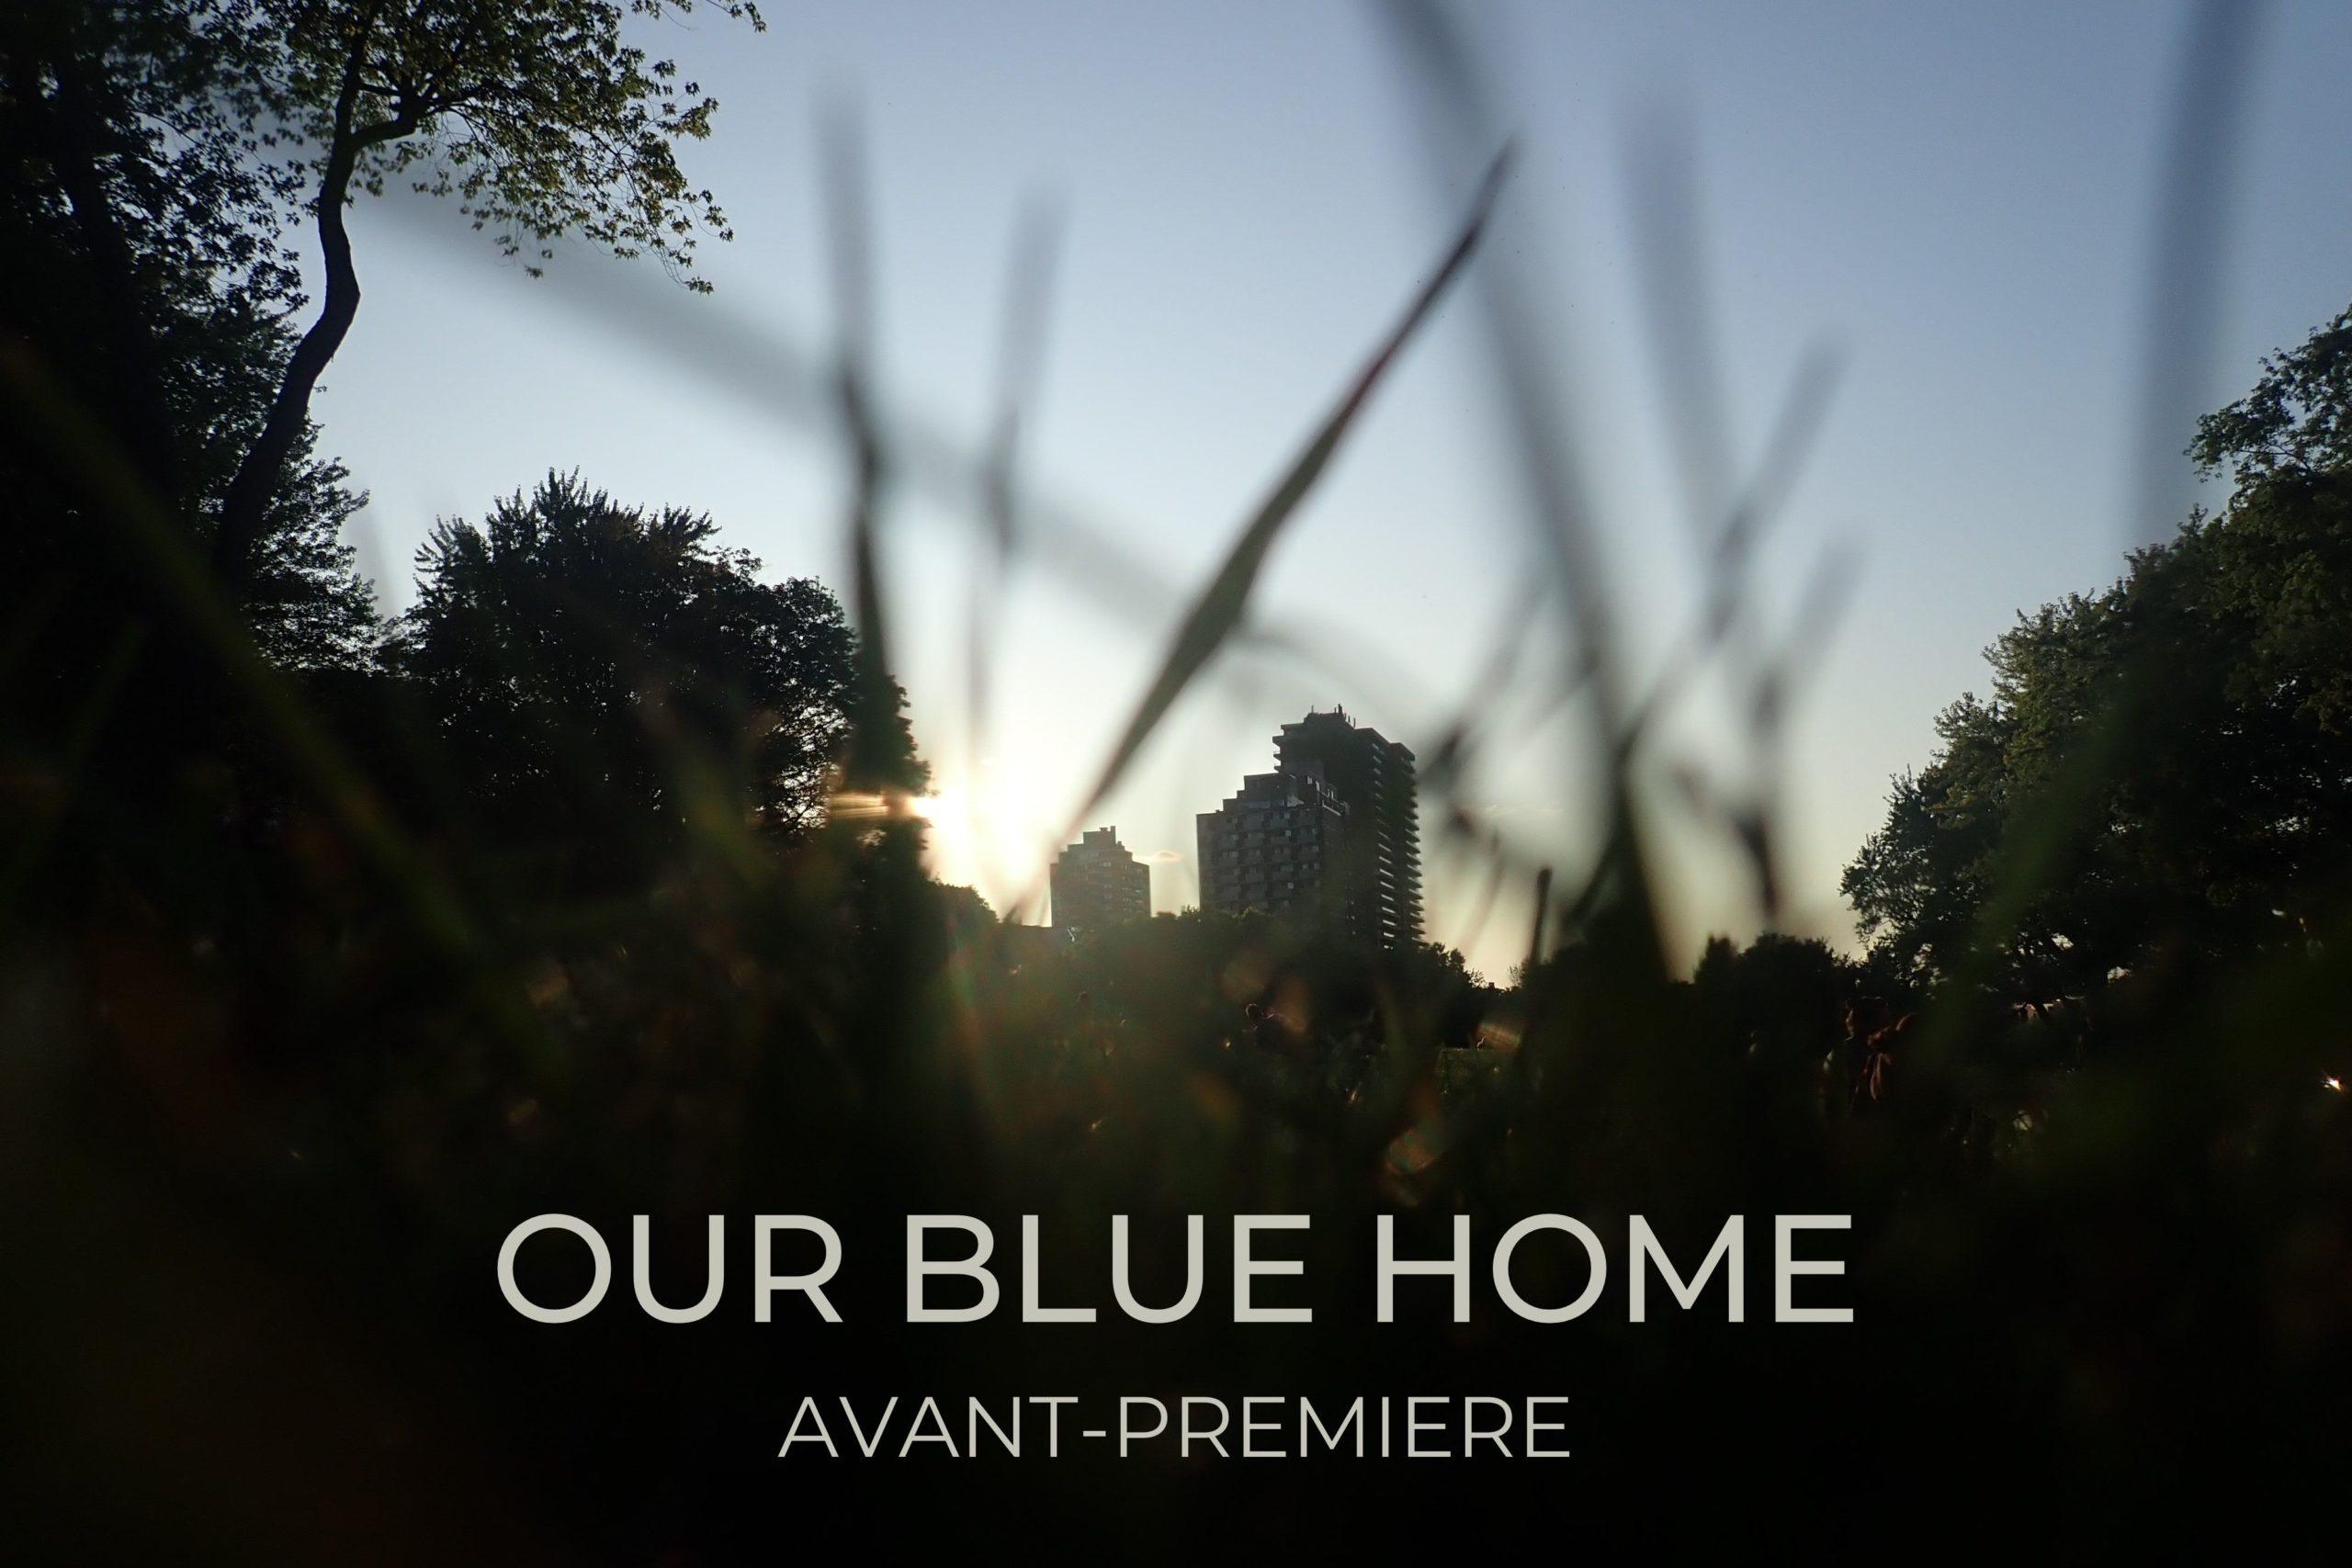 OUR BLUE HOME Avant-Première